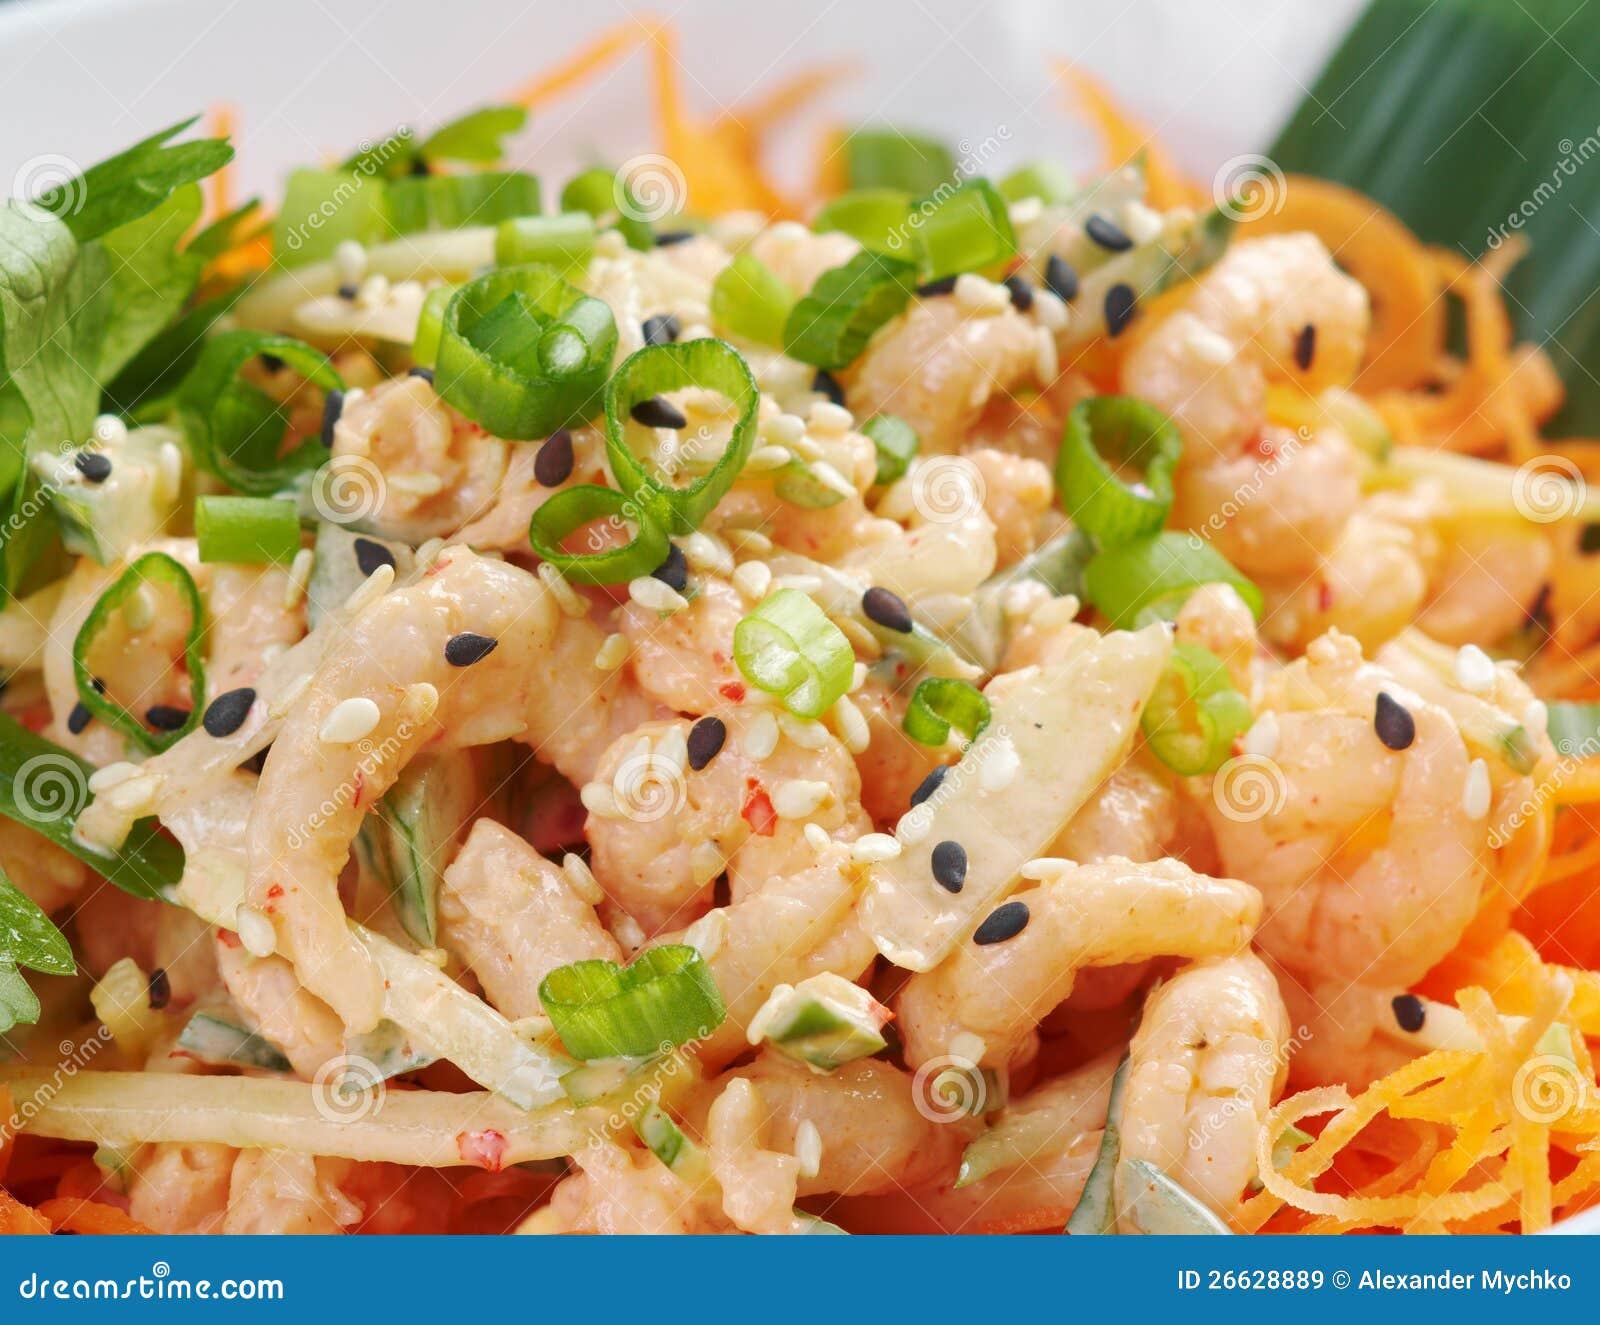 Cuisine chinoise salad de crevette images libres de for Cuisine chinoise